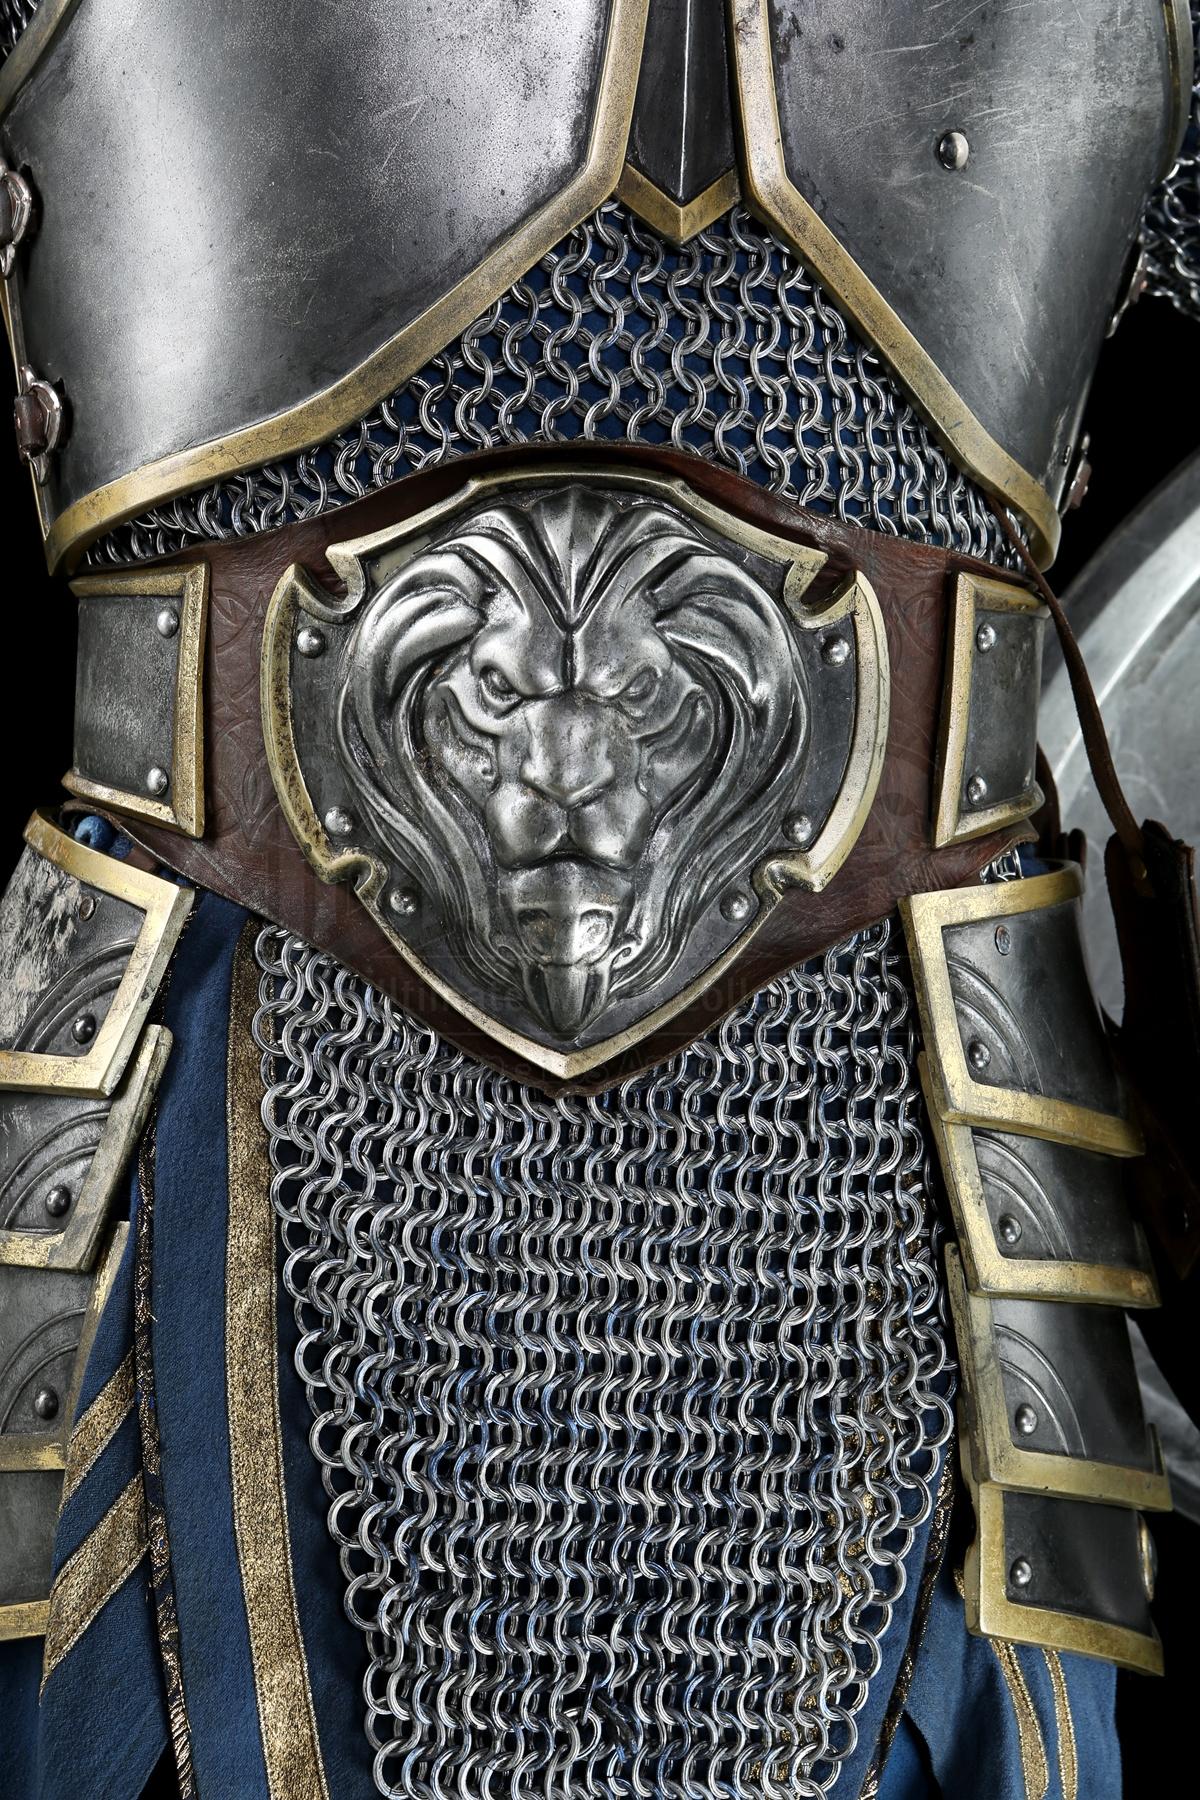 Objet du film Warcraft mis aux enchères du 14 au 25 mai 2018.